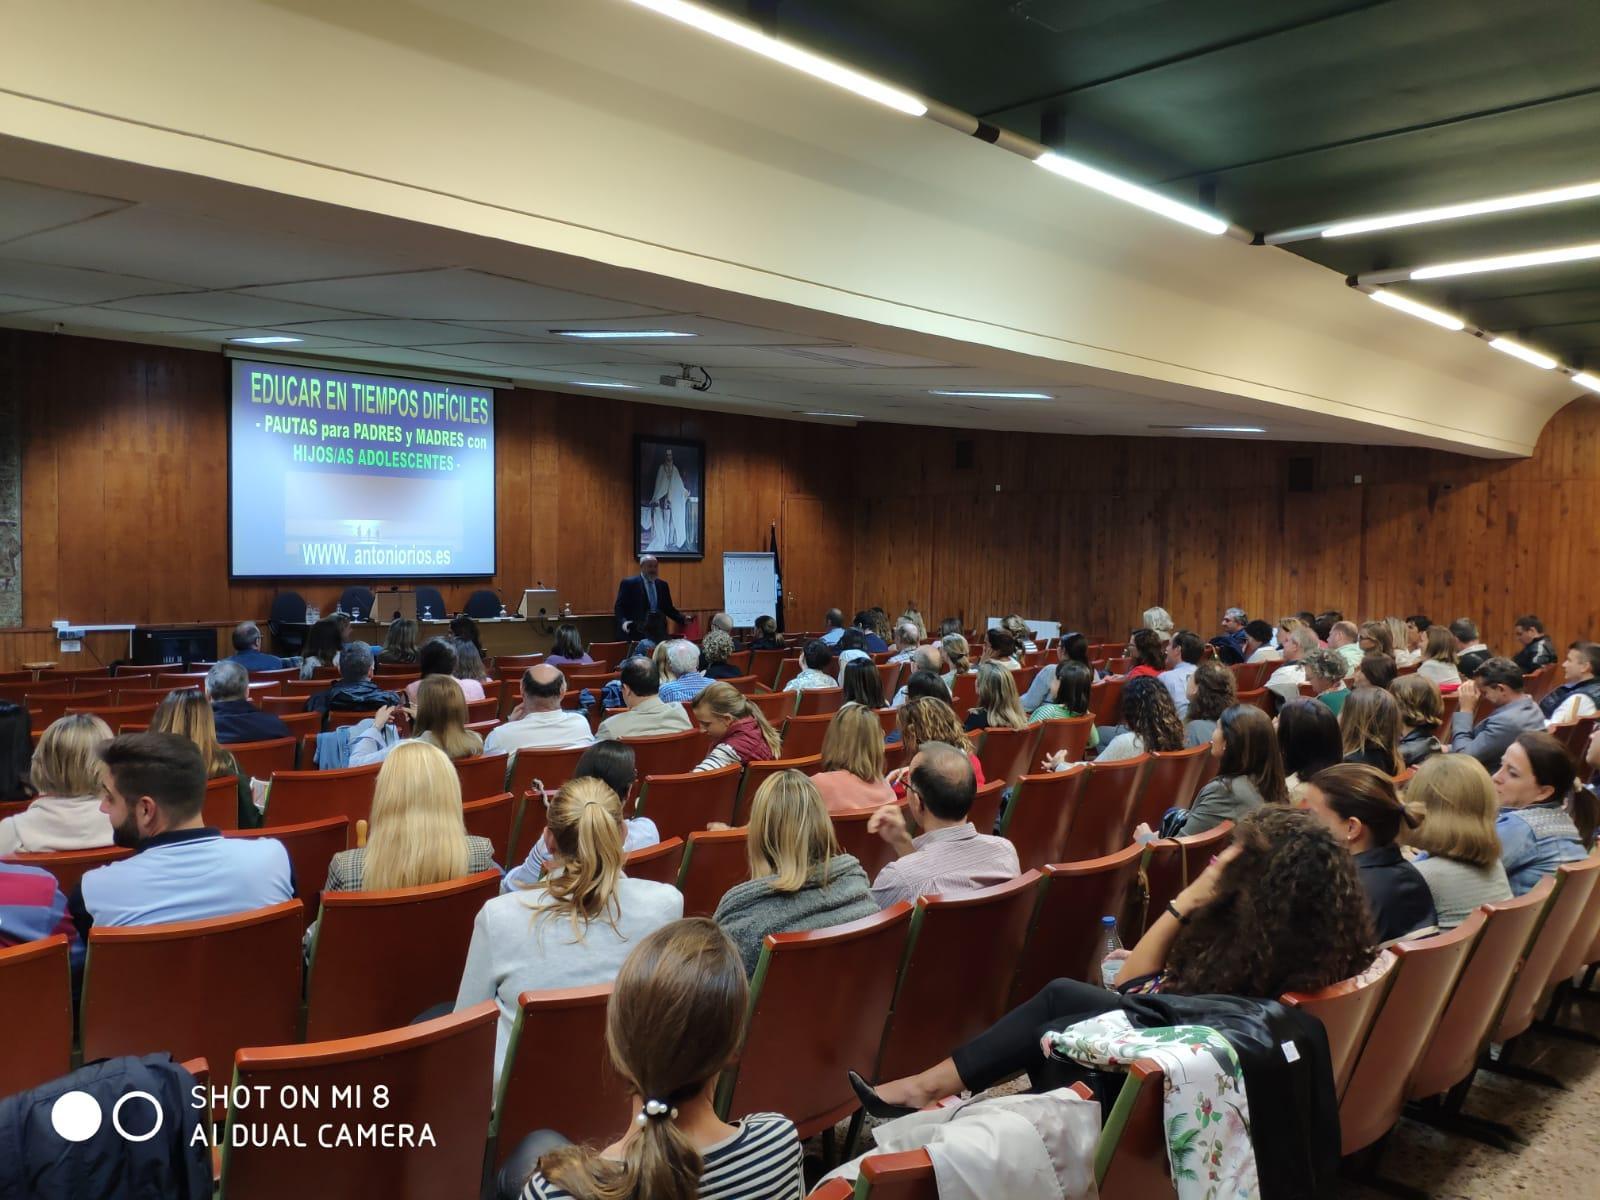 """Resumen de la ponencia de Antonio Ríos, """"Educar en tiempos difíciles"""""""